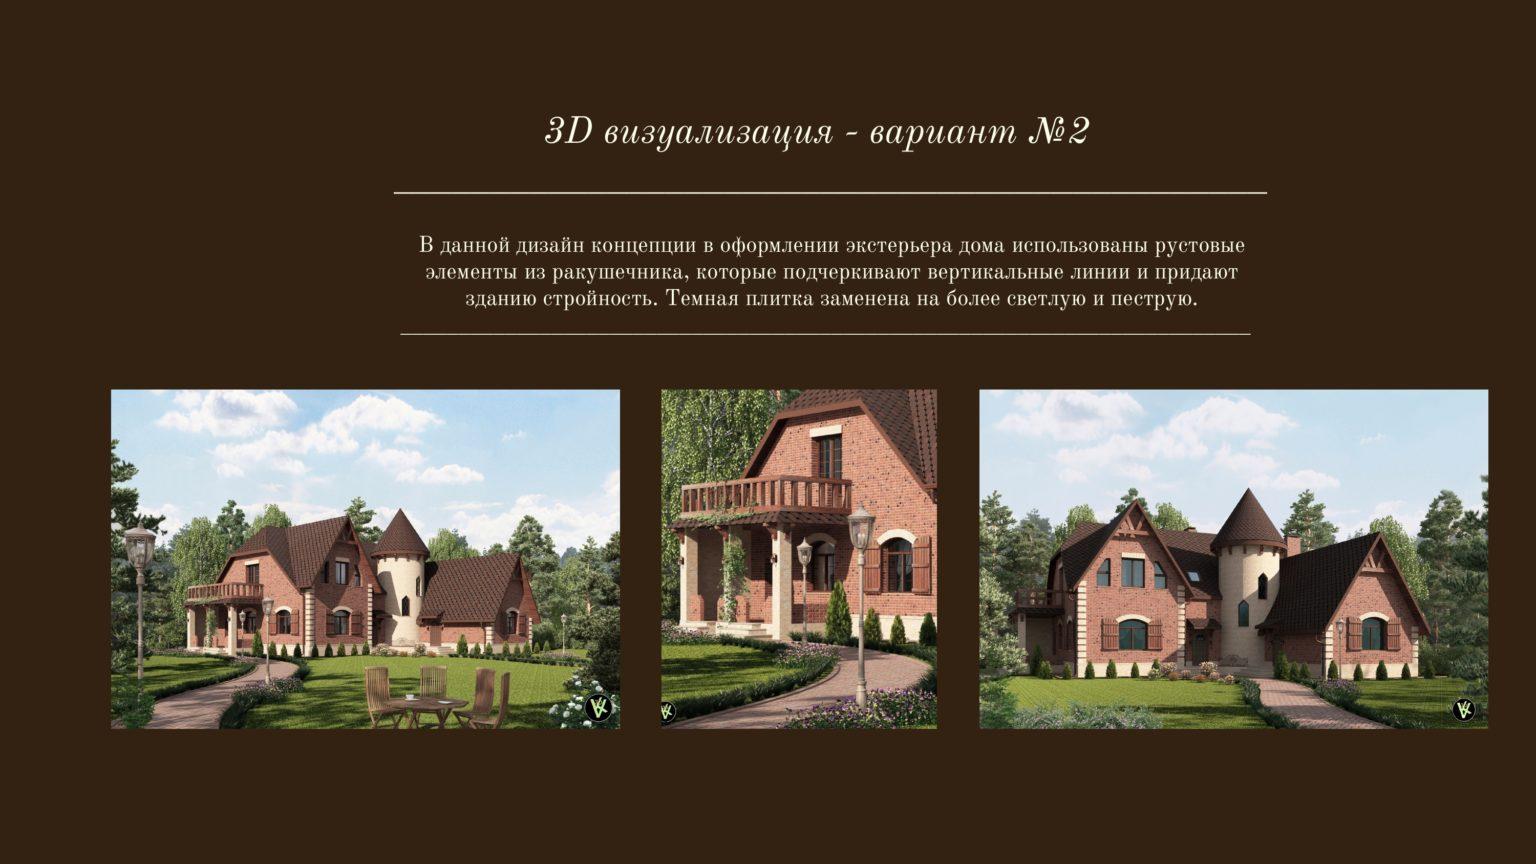 Дизайн проект и 3D визуализация Кравцово2 — 0007